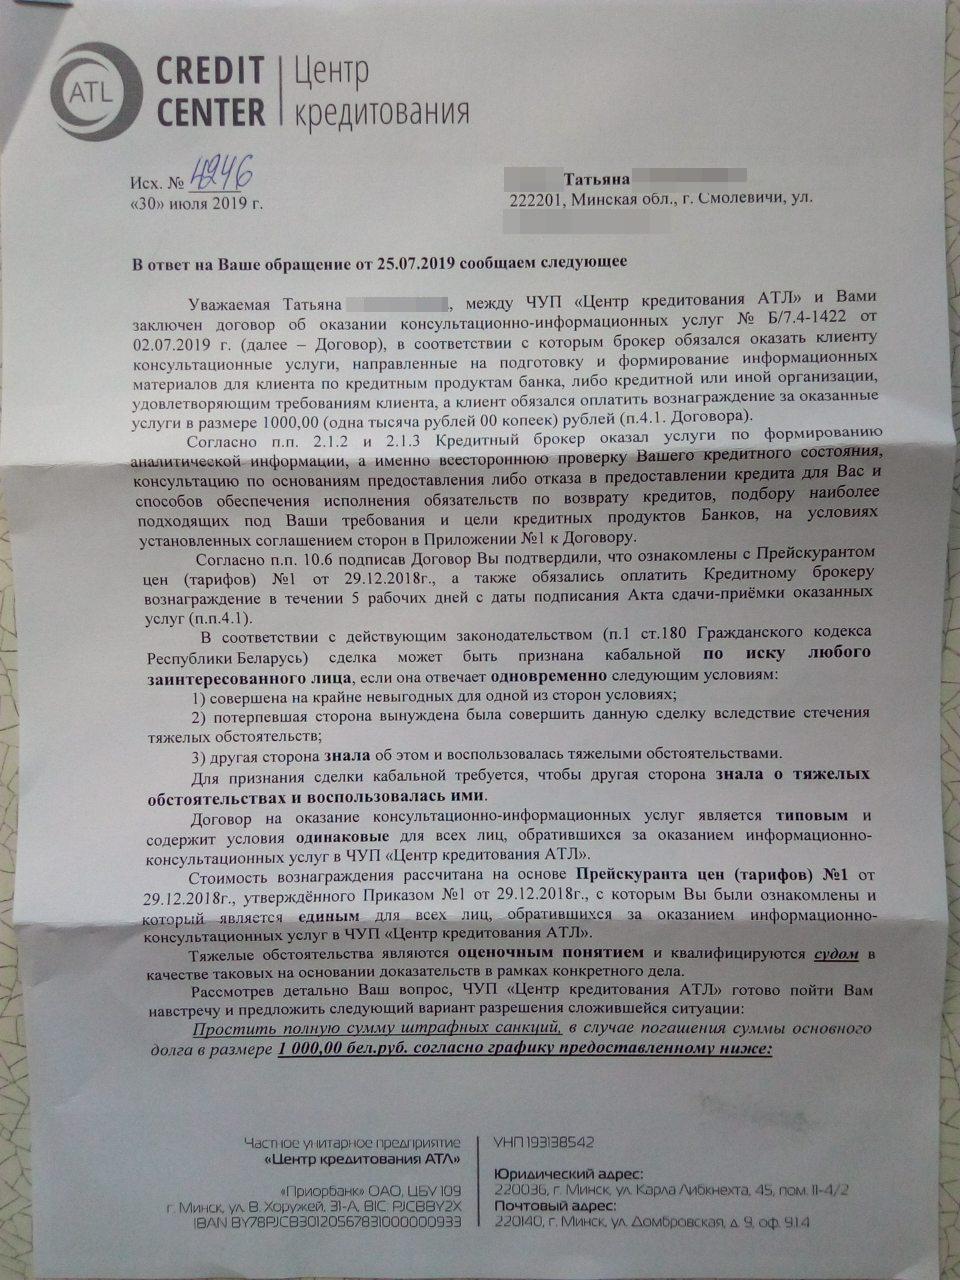 Хотела кредит за 9,99% в «Центре кредитования АТЛ», а вместо этого должна заплатить 1000 рублей за услуги с ежедневной пеней в 10%